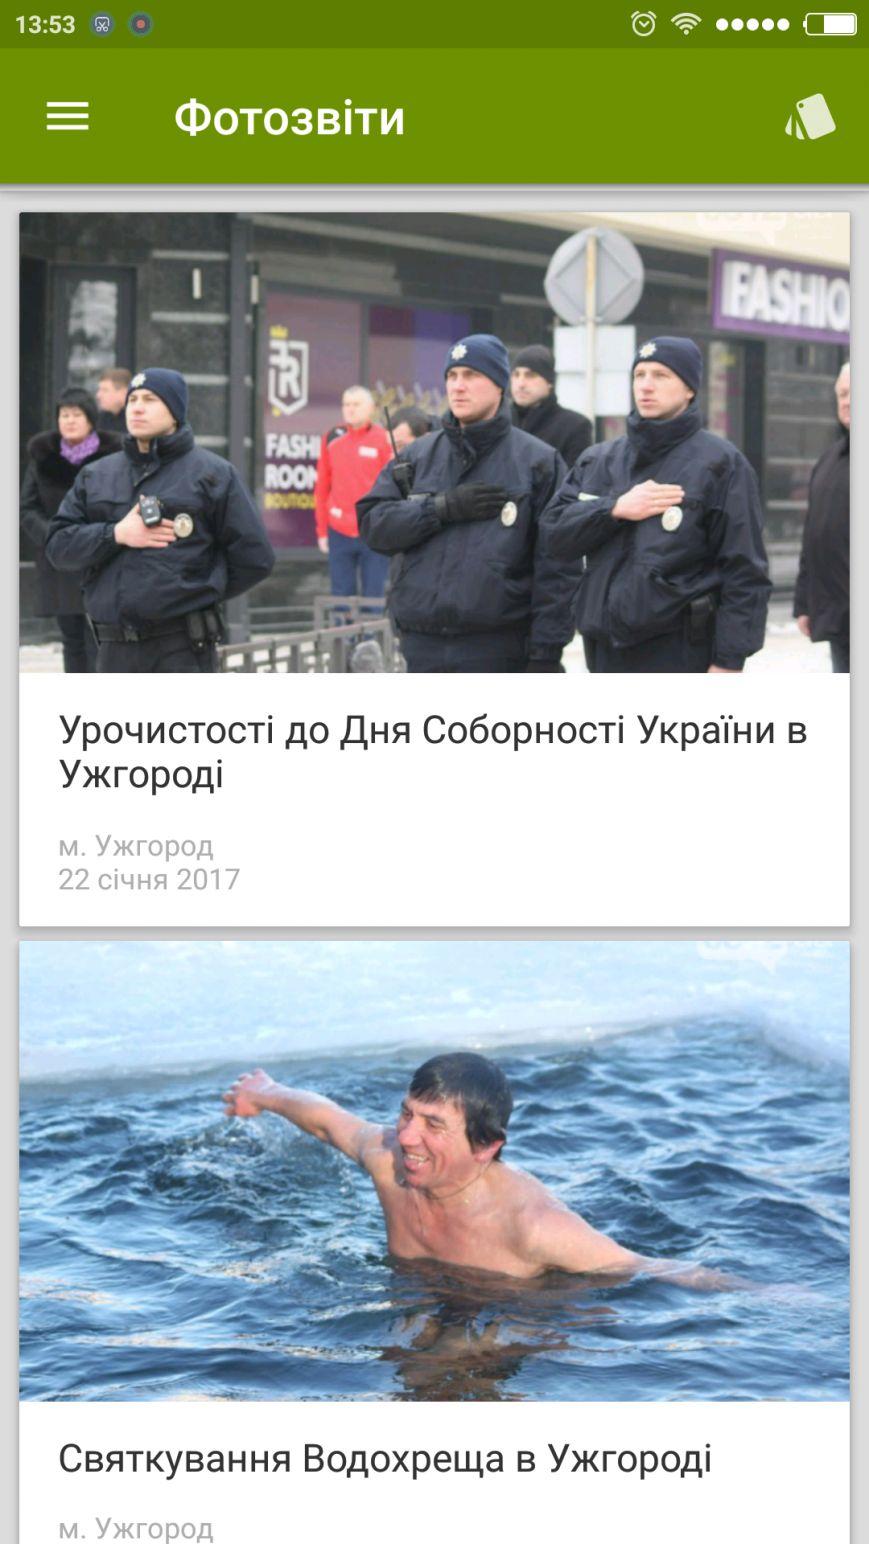 Screenshot_2017-01-23-13-53-09_ua.com.citysites.uzhgorod